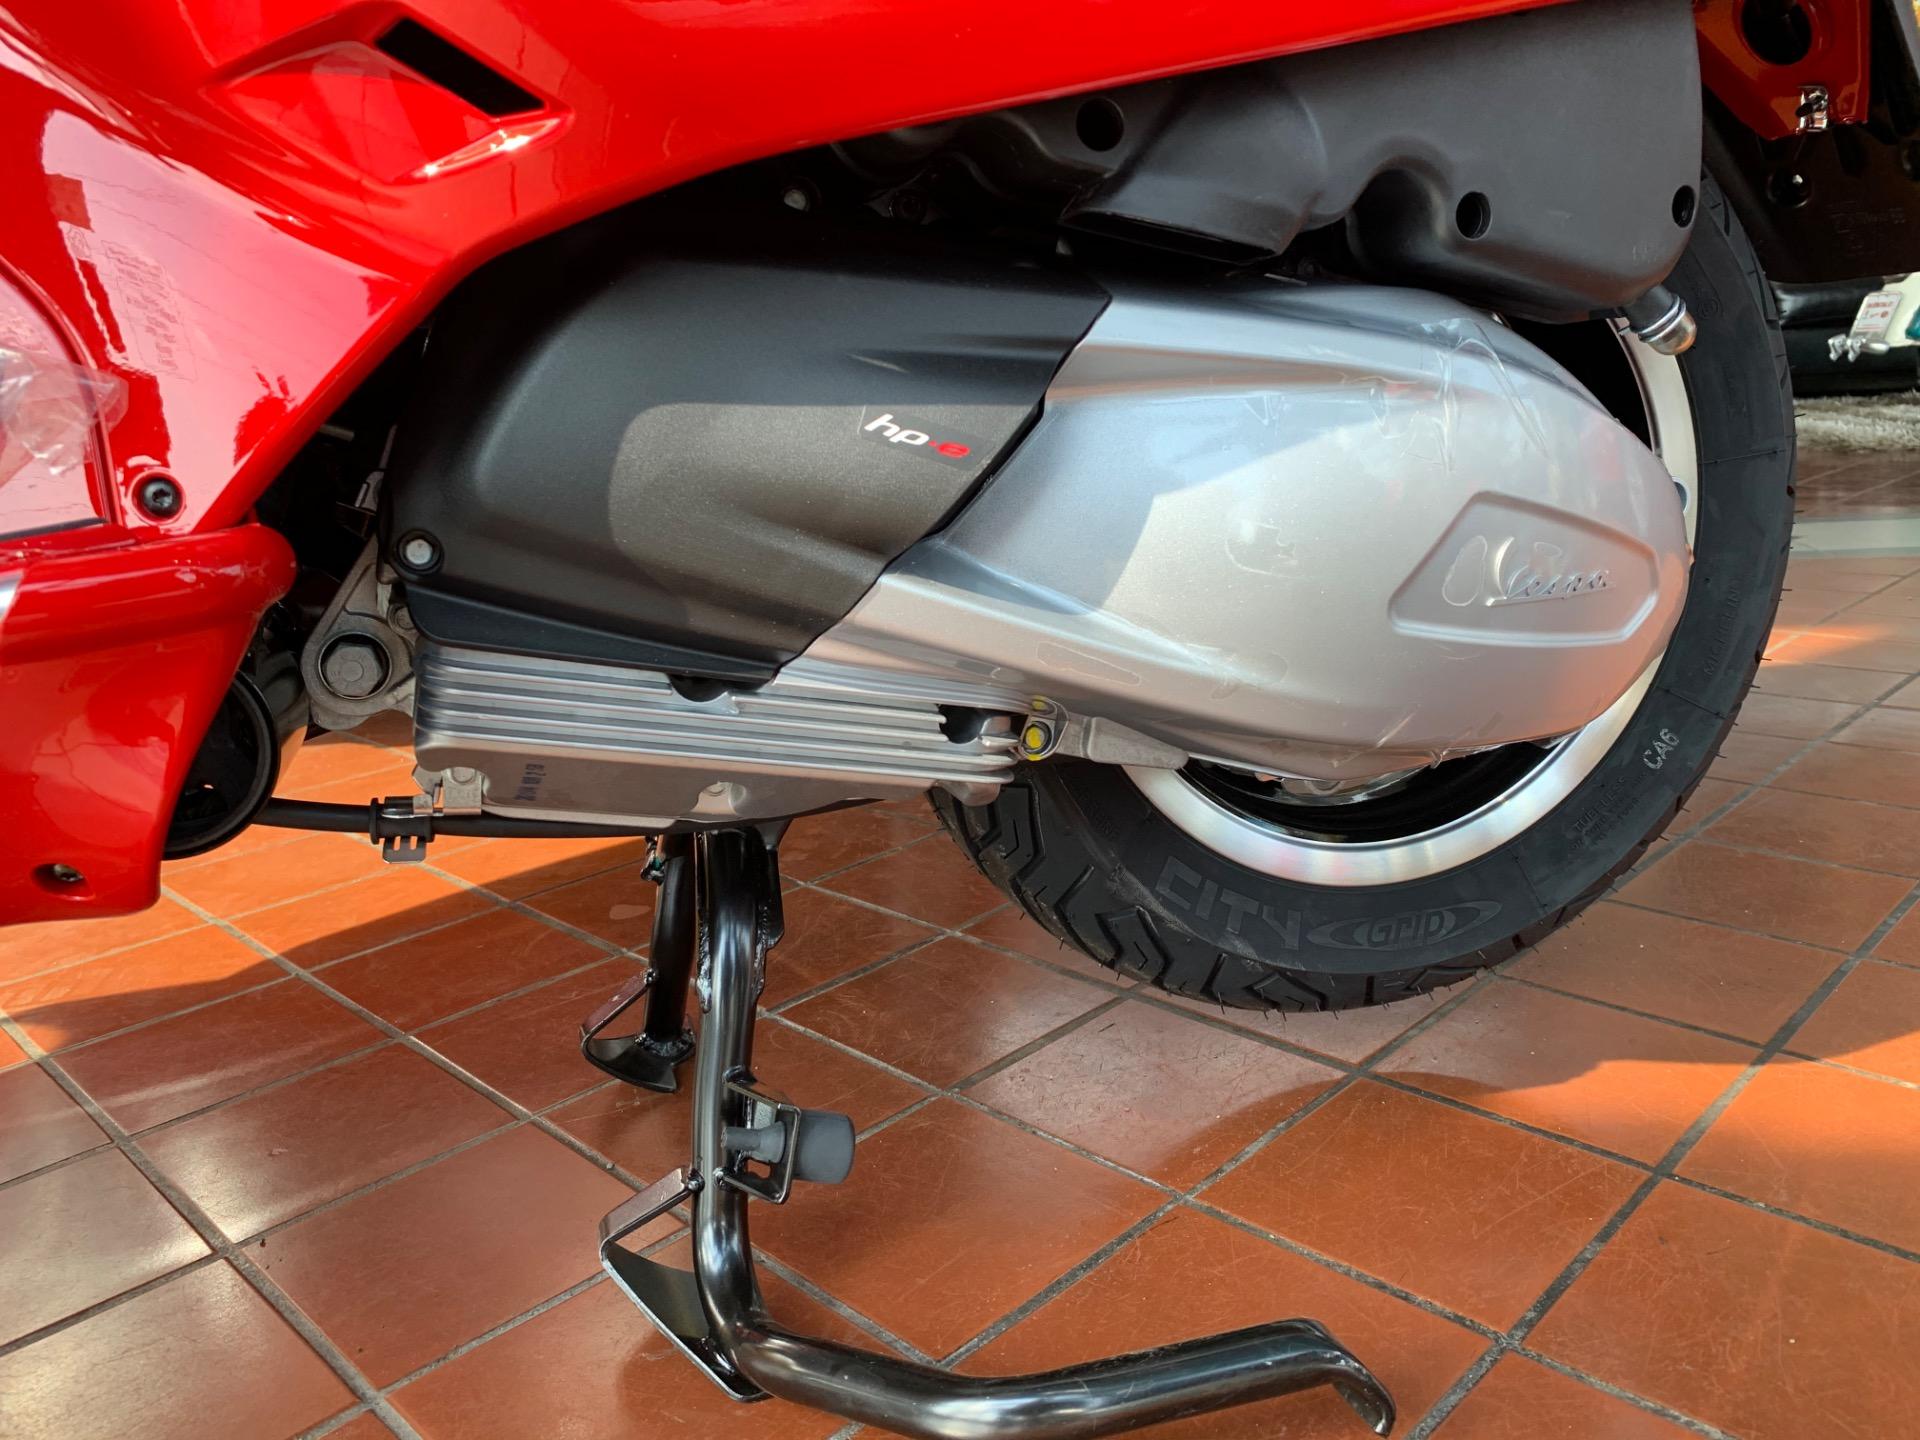 New-2020-VESPA-GTS-SUPER-300